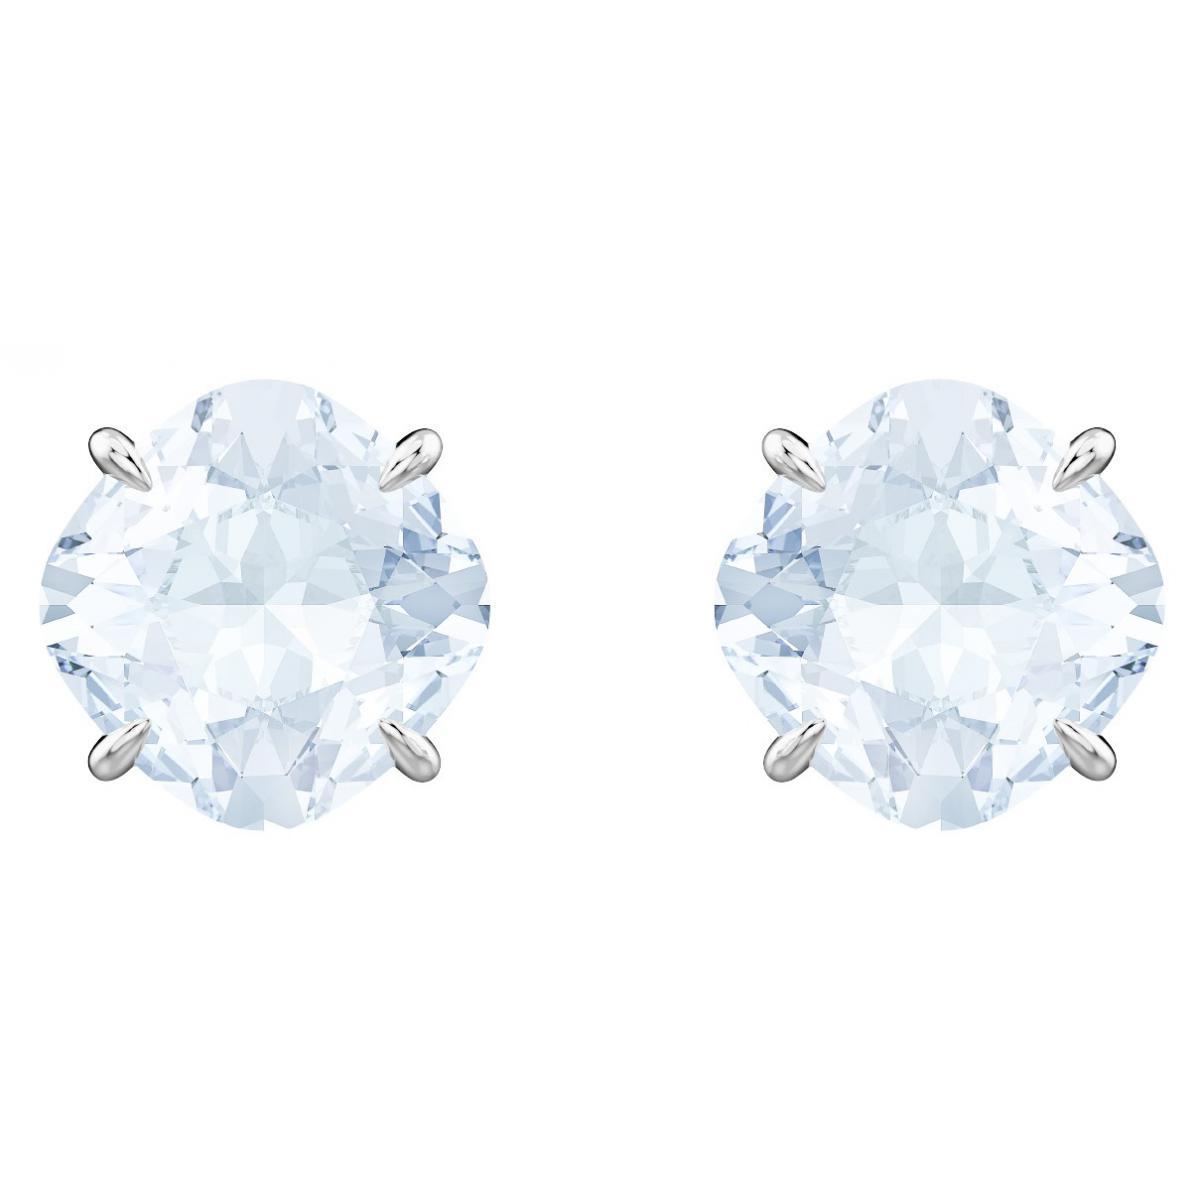 Boucles d'oreilles Swarovski Bijoux 5427950 - Acier Argenté Bleu Cristaux  Swarovski Femme